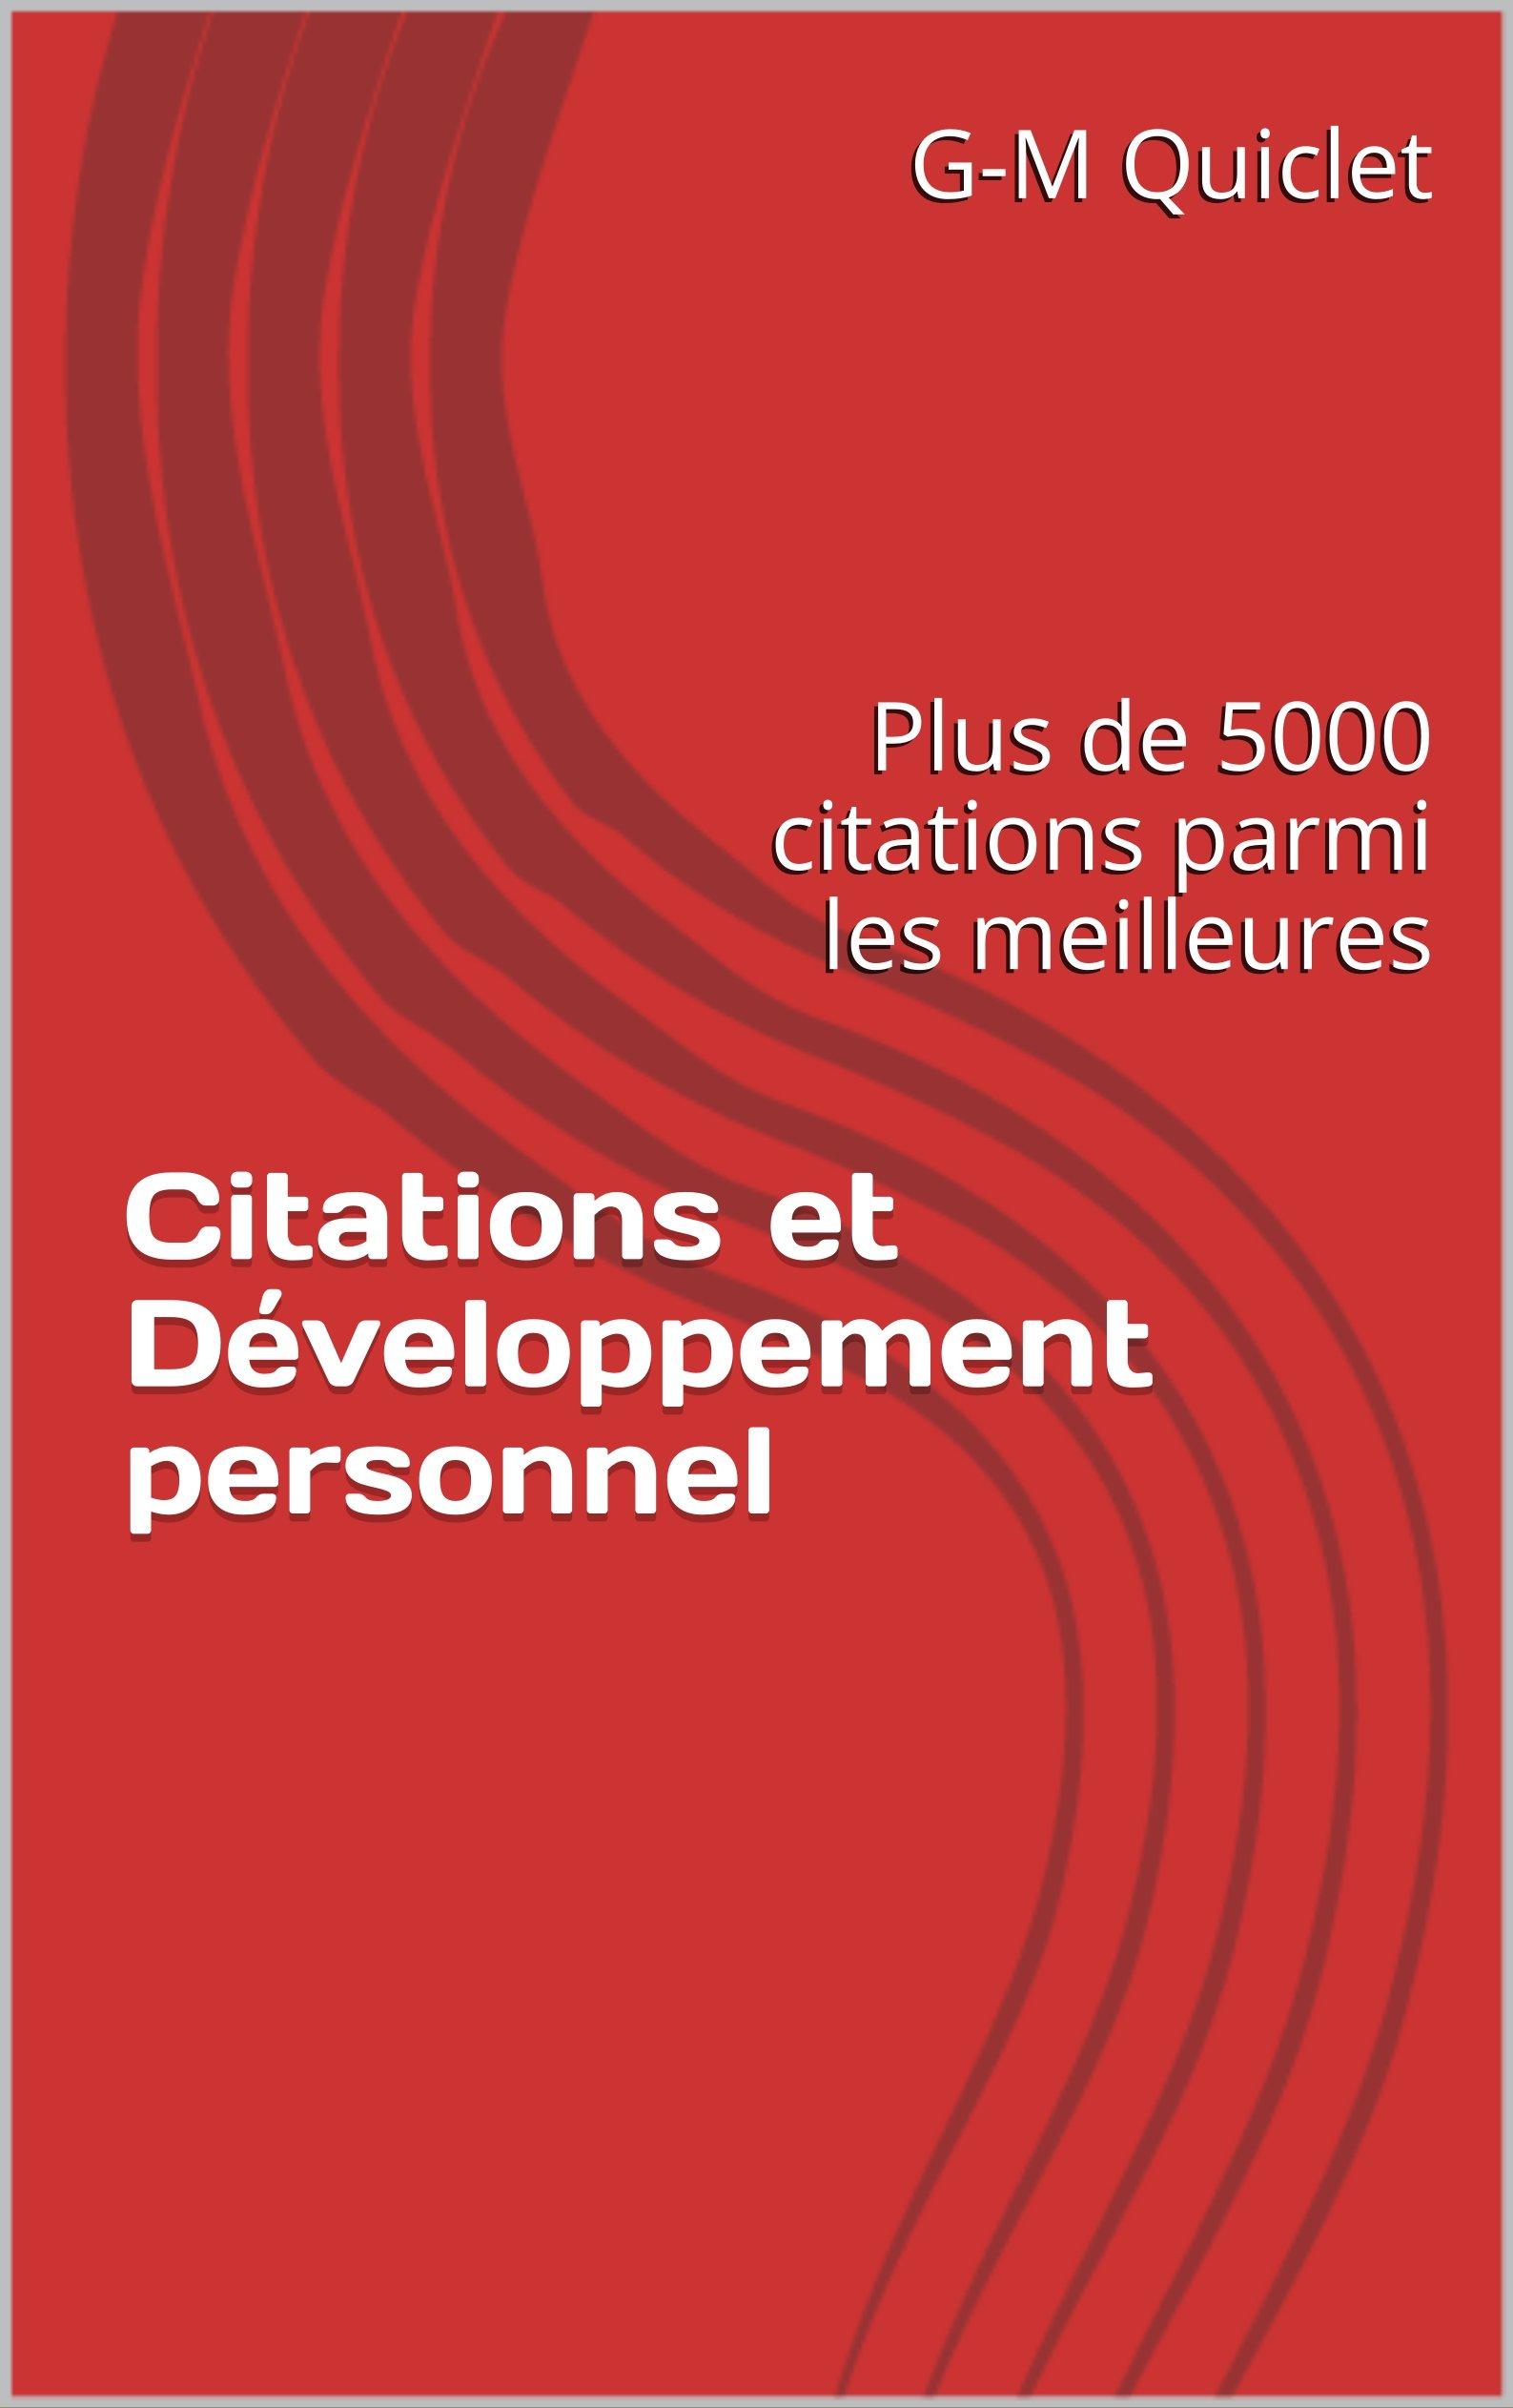 Citations et Développement personnel: Plus de 5000 citations parmi les meilleures